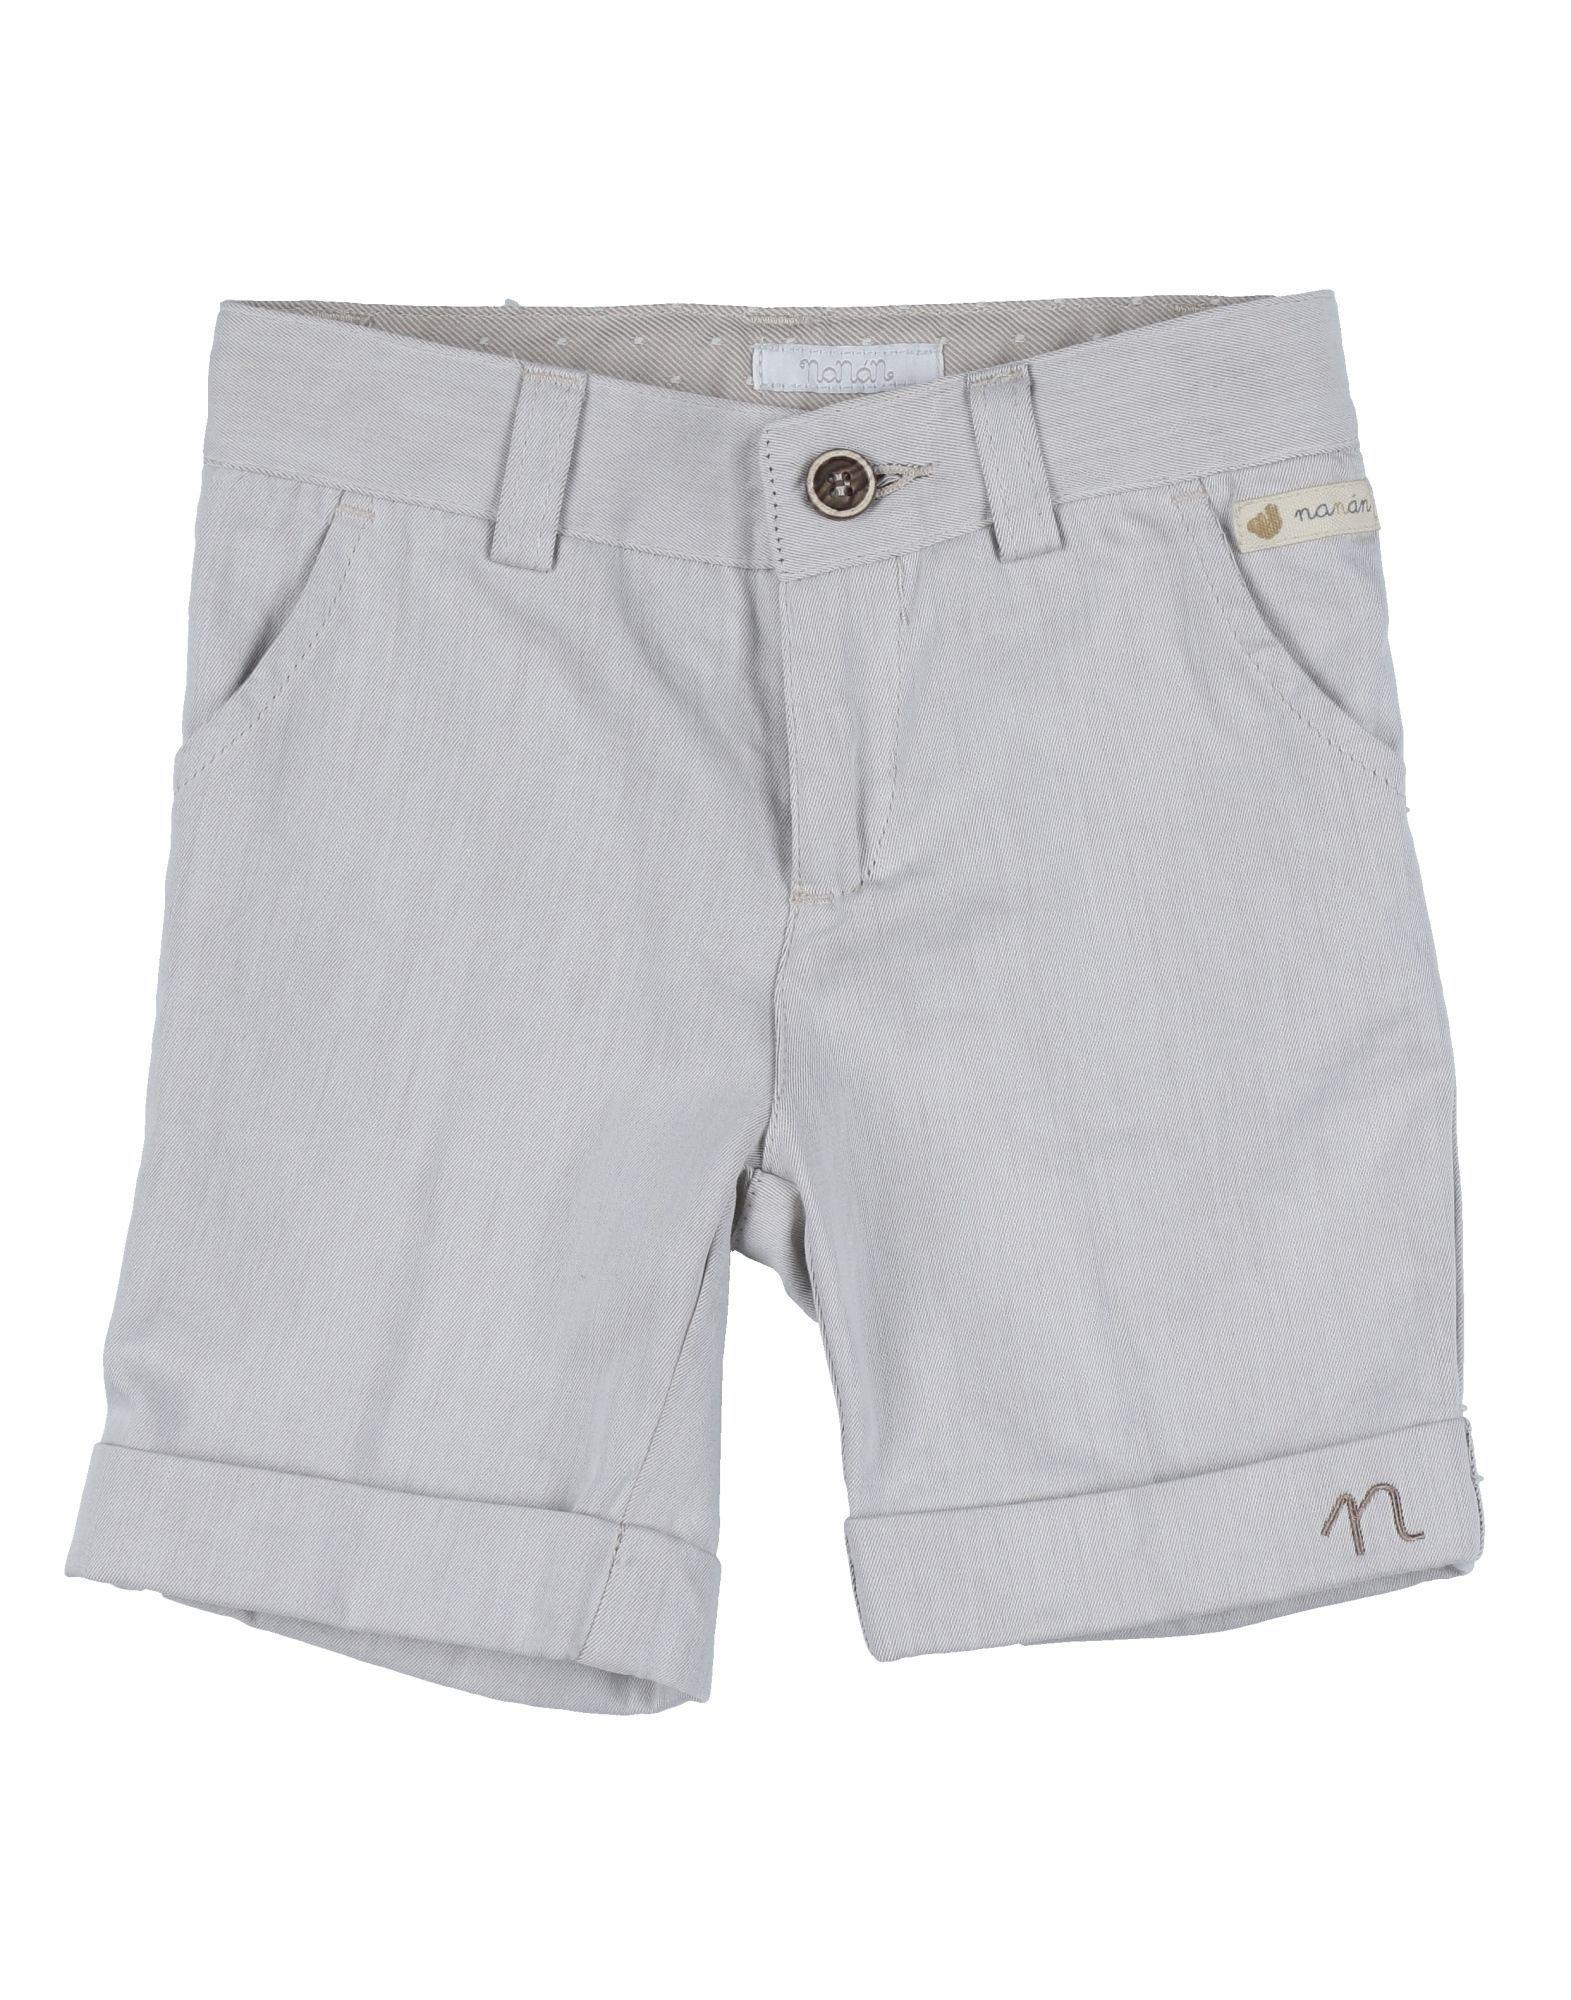 TROUSERS Nan�n Light grey Boy Cotton